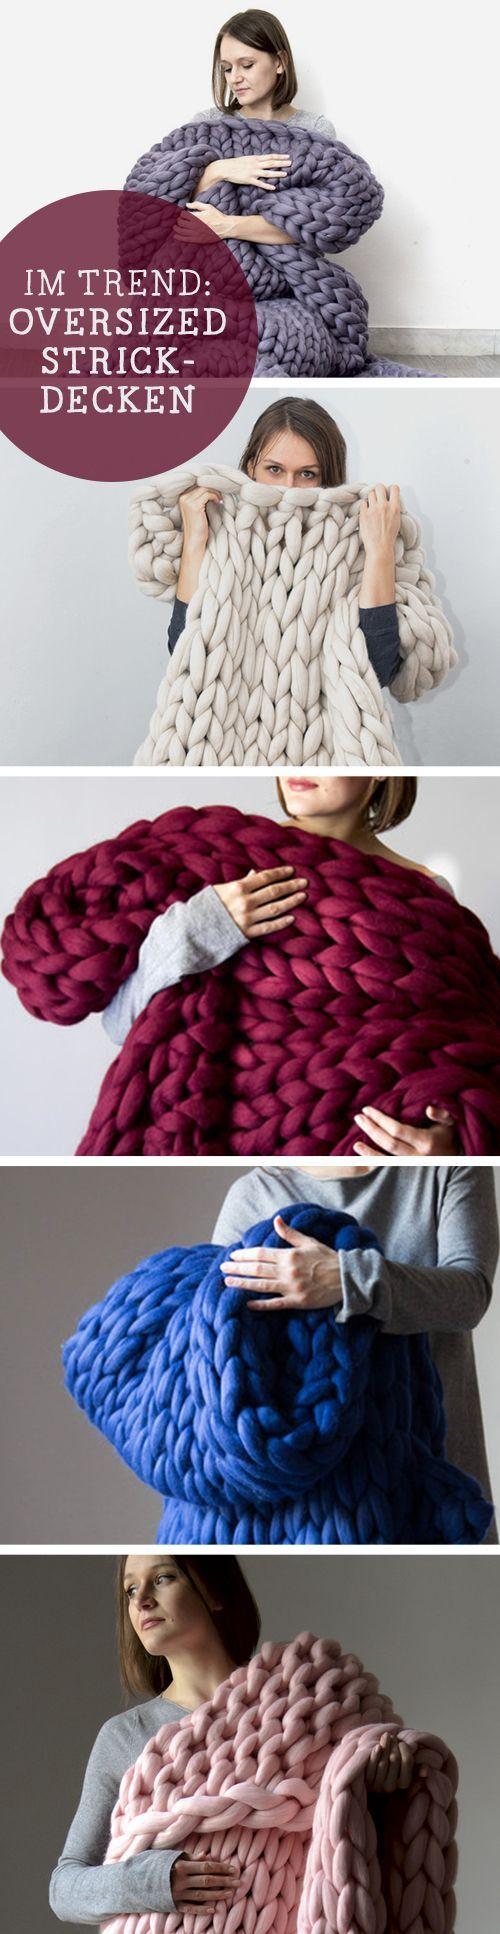 Strick im Trend: Kuschelige Decken in Übergröße / knitting trend: oversized blankets, home decor made by bloisem via http://DaWanda.com